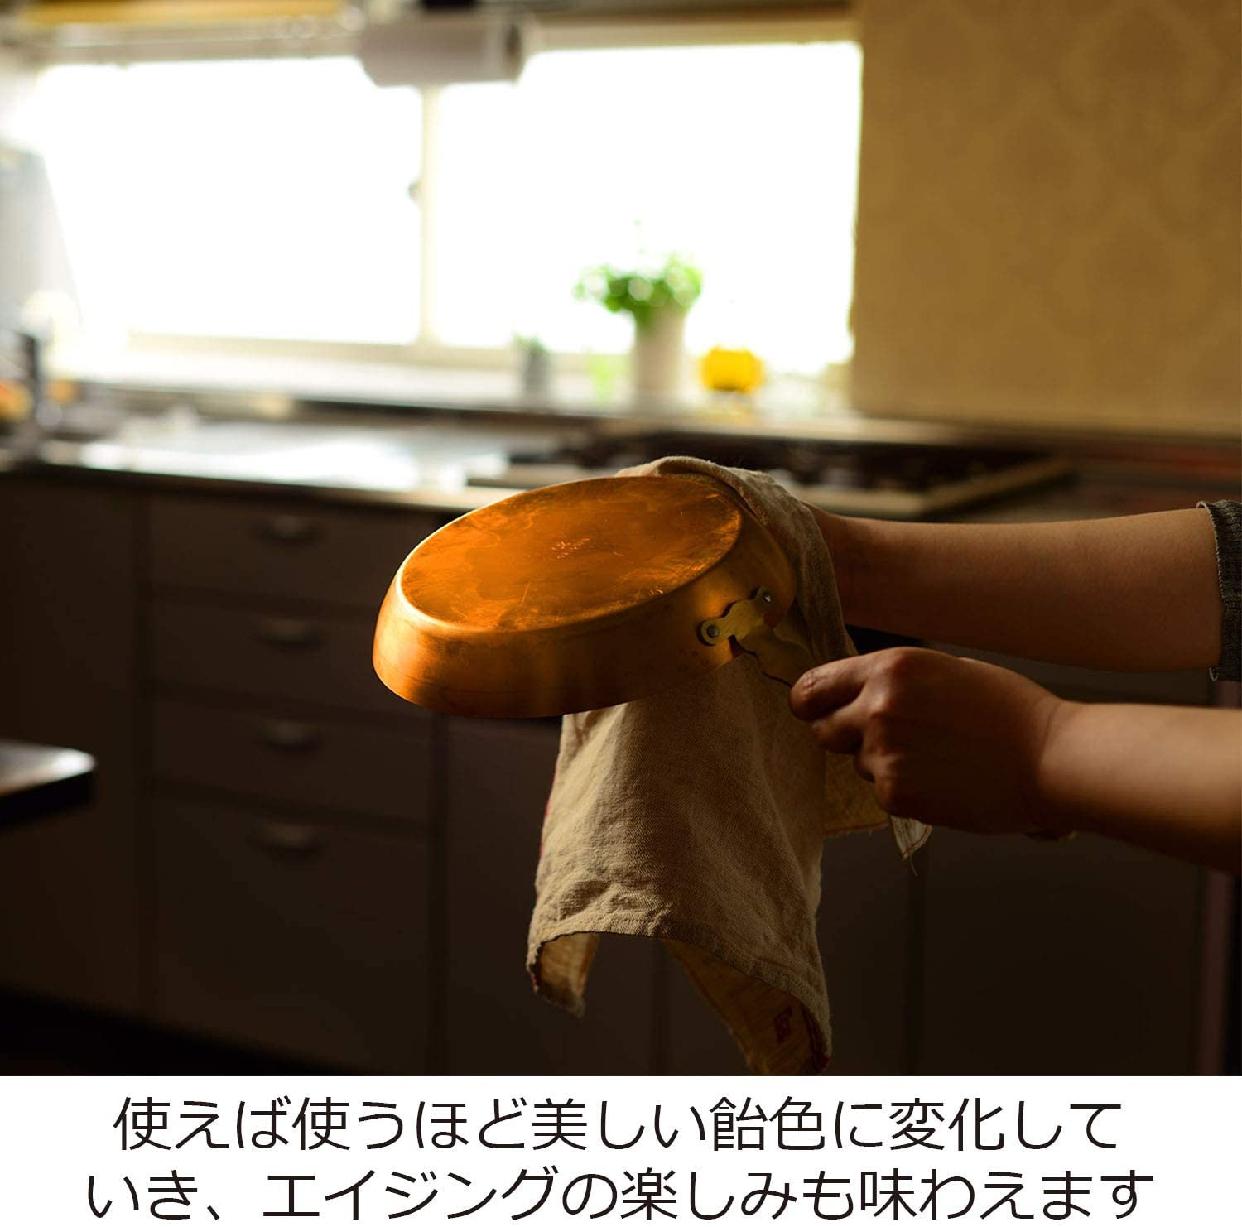 オークス ameiro フライパン 20の商品画像5